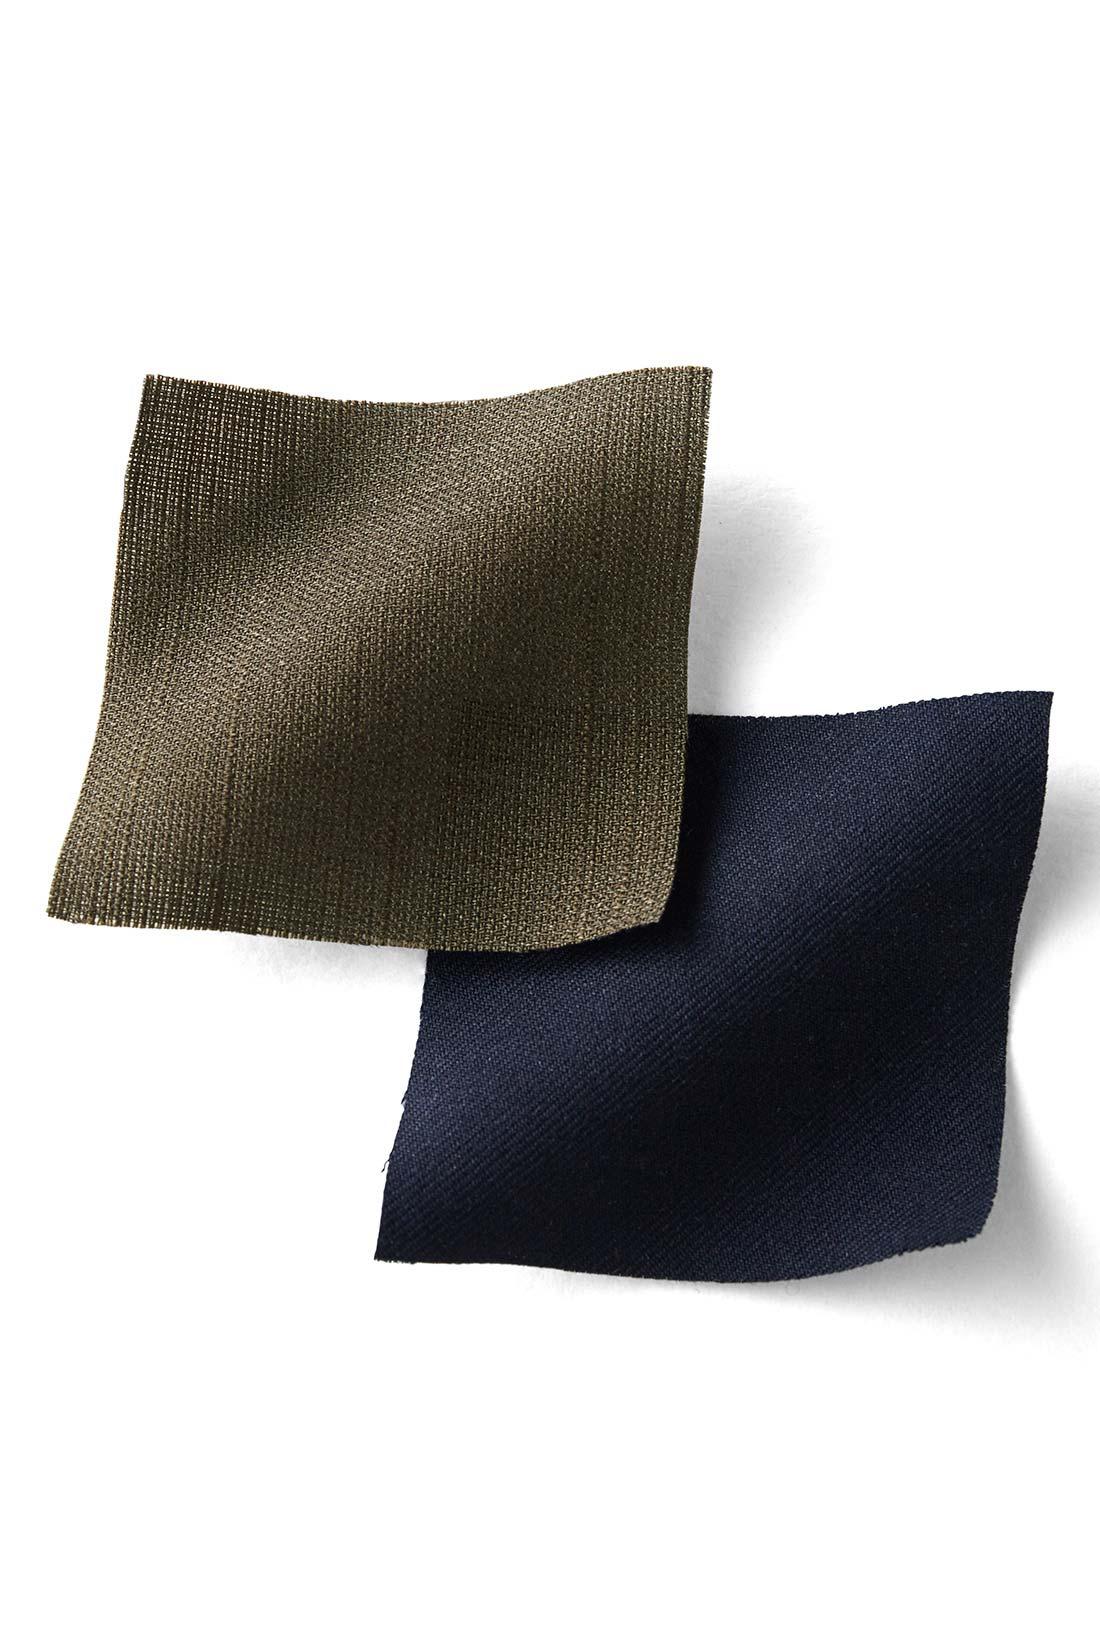 トップスはシャリッと涼しいリネンライク素材。パンツ部分は伸びやかな薄手のツイル。しわが気になりにくい素材で、おうちで洗濯できるのもうれしい。